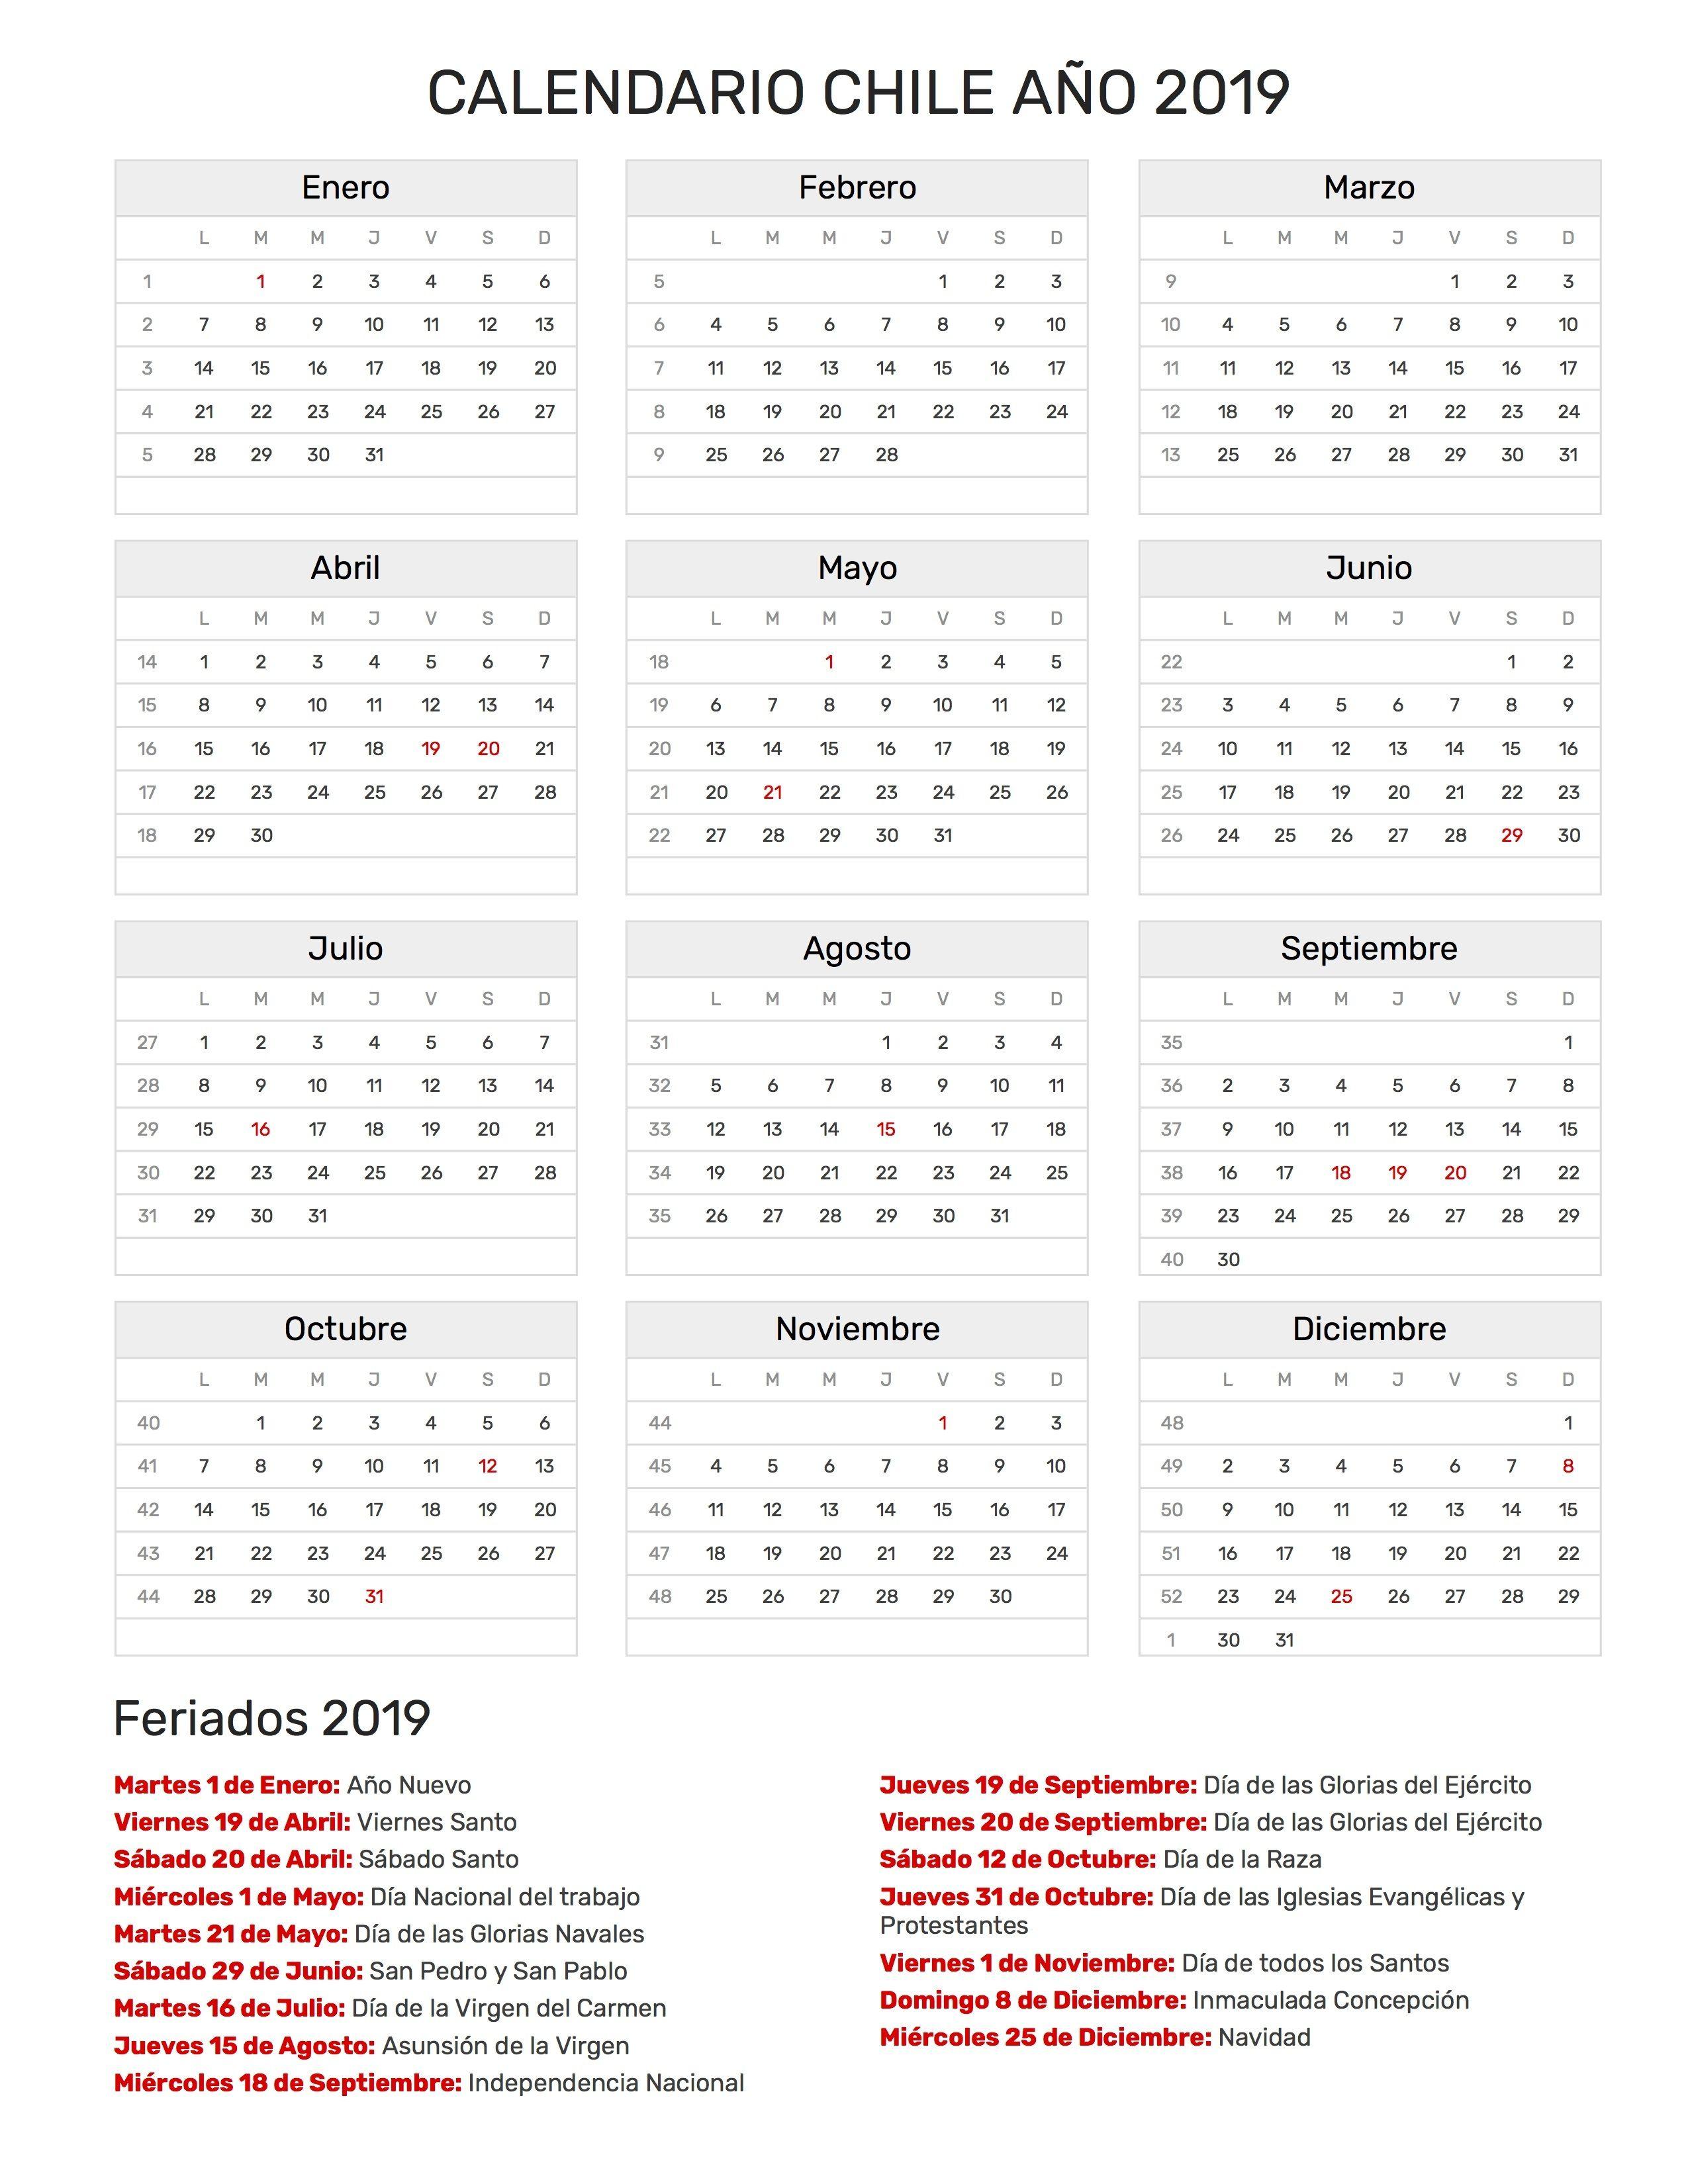 Calendario 2019 Chile Con Feriados Para Imprimir.Calendario 2019 Chile Calendario 2019 Chile Chile